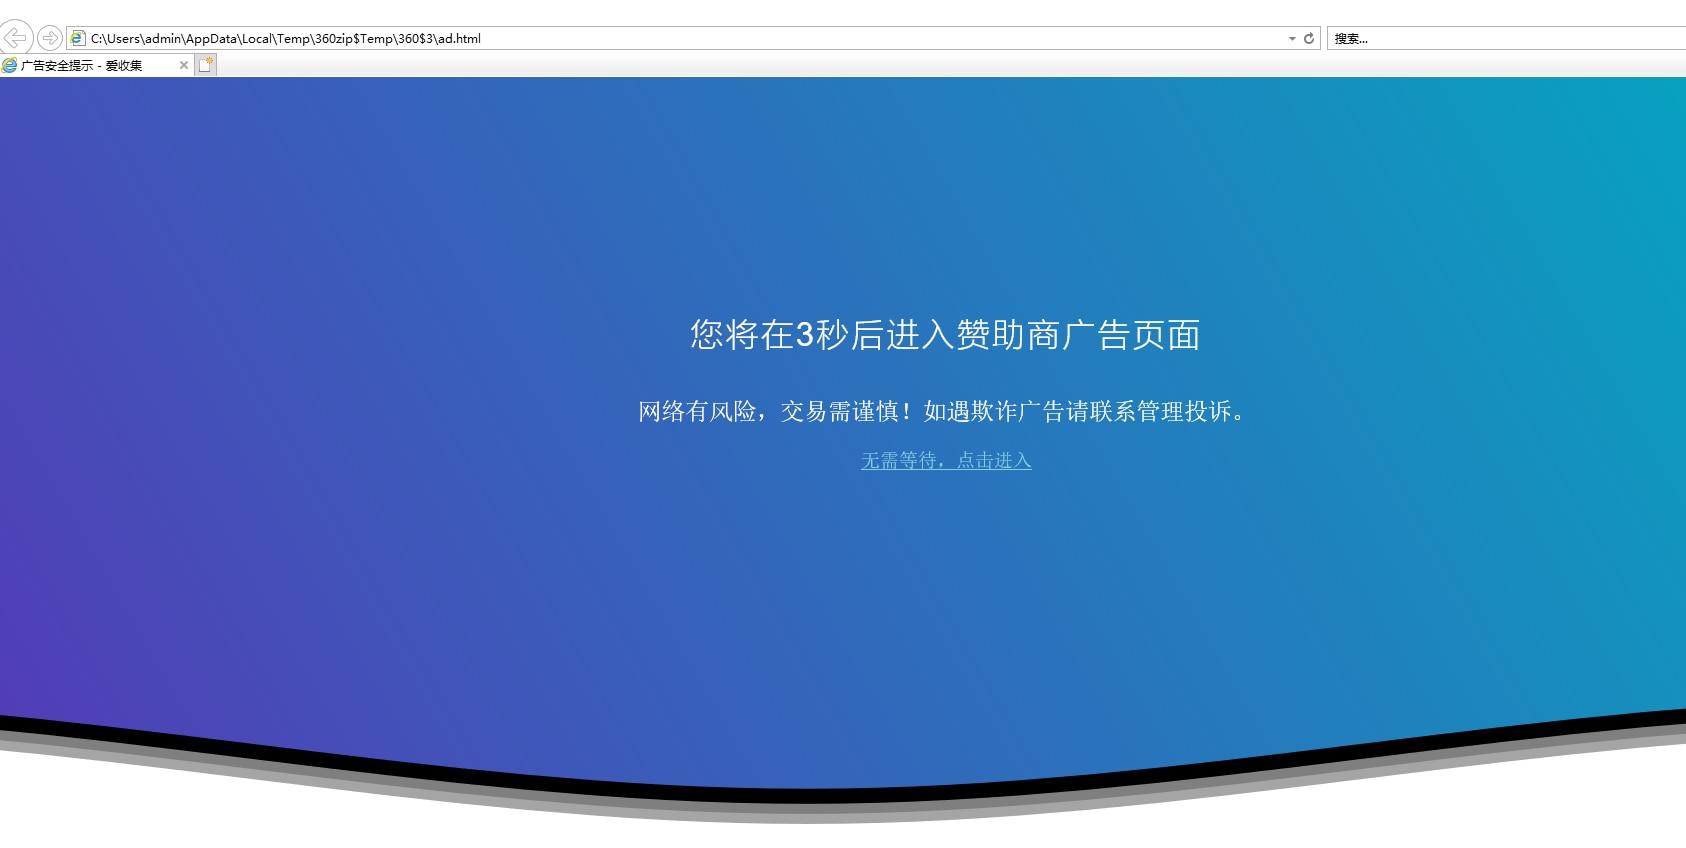 广告跳转安全警告提示源码_超小刀娱乐网源码